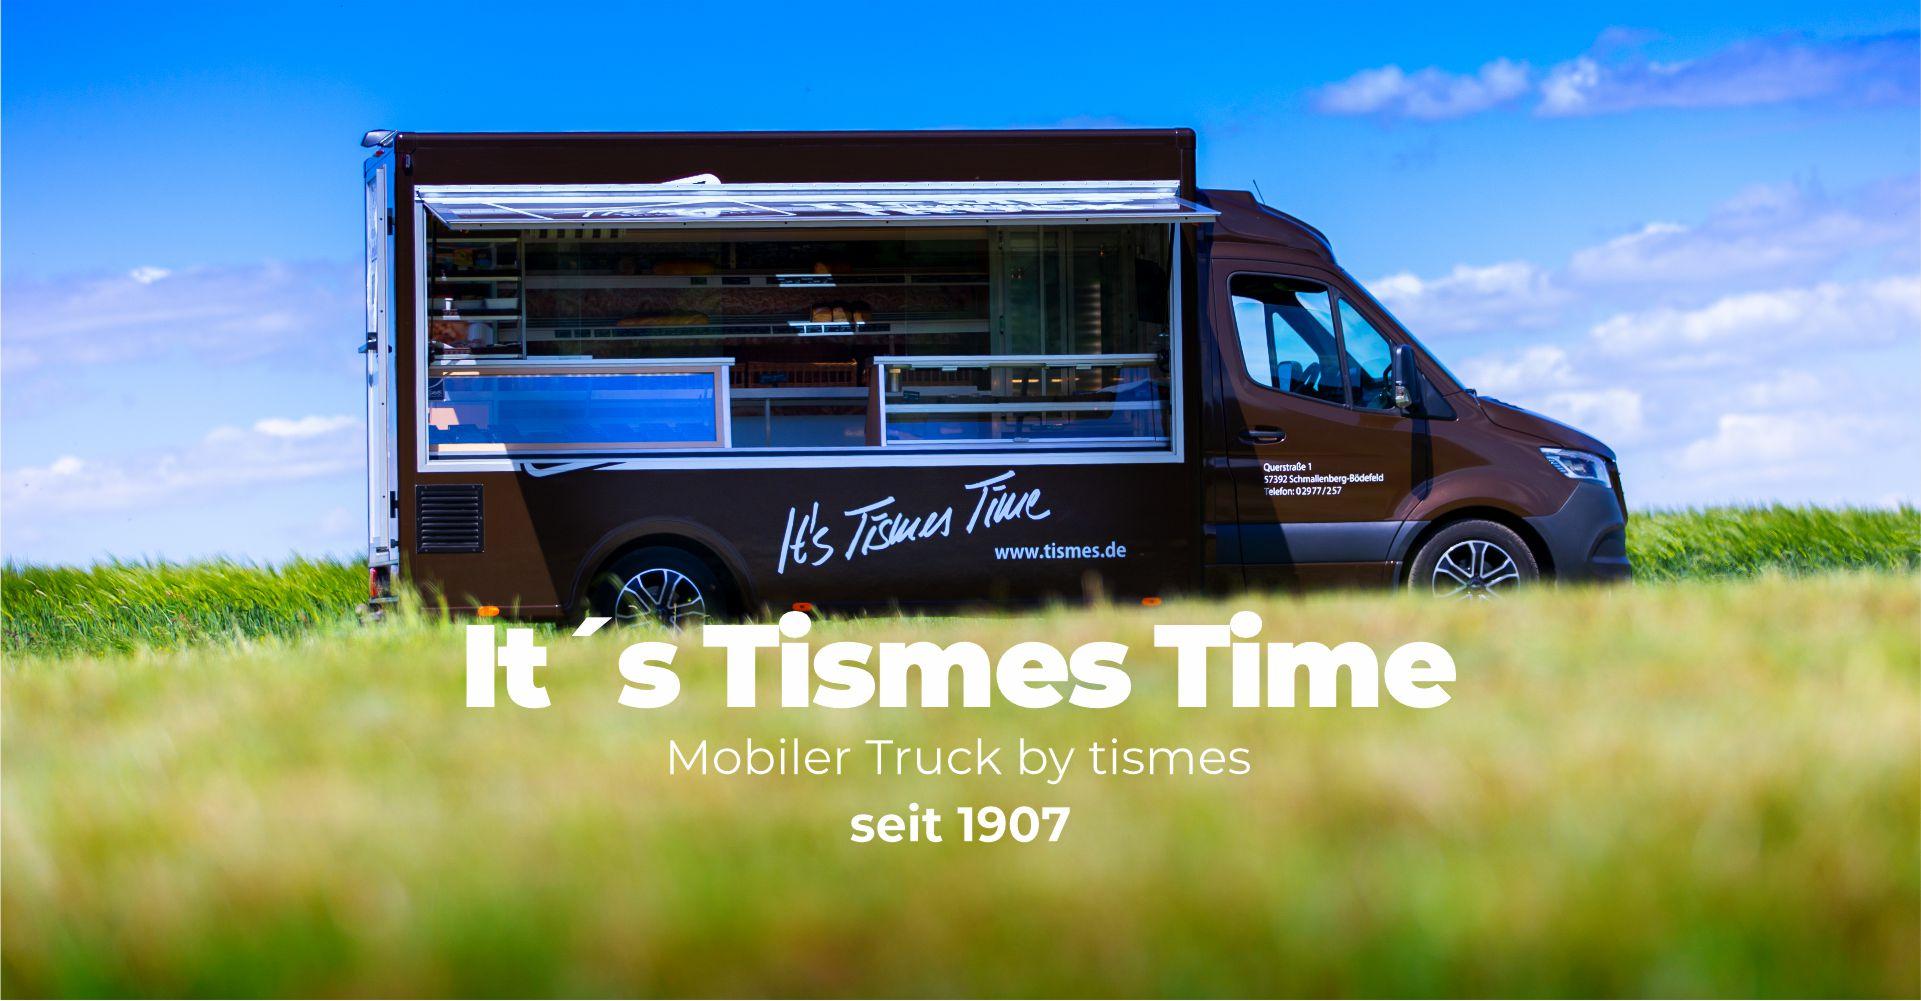 tismes_truck_slider_003